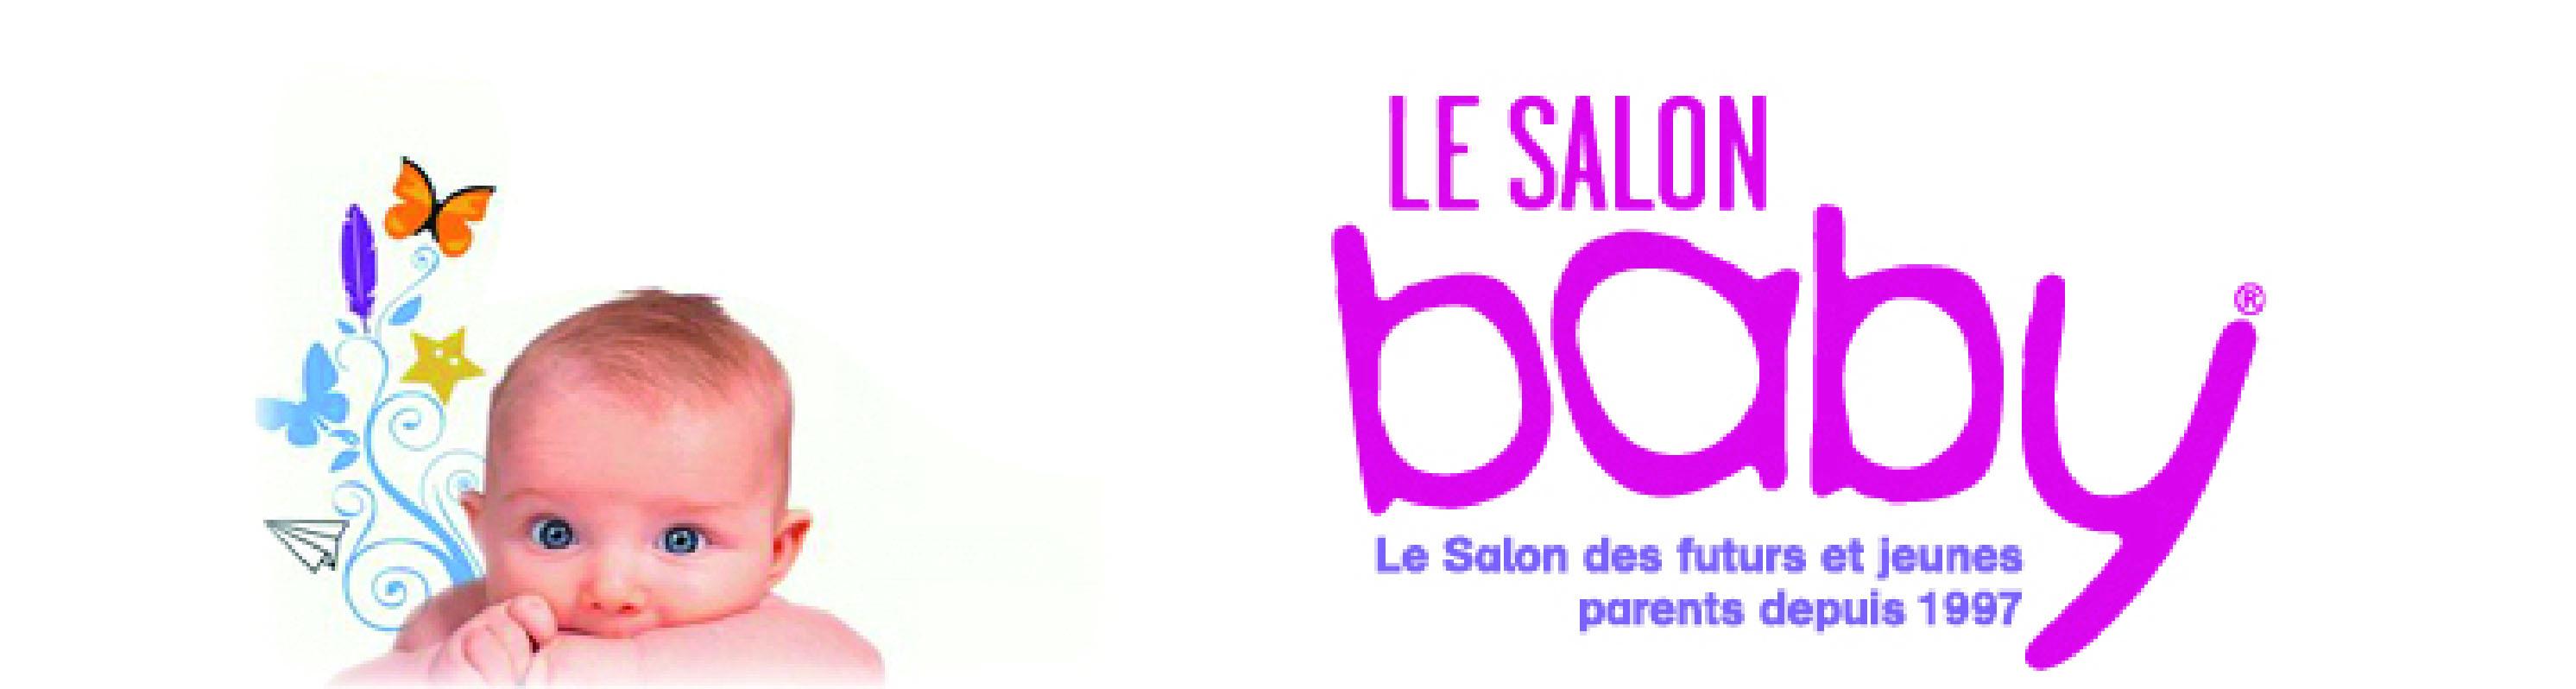 le Salon Baby : Le rendez-vous incontournable des futurs et jeunes parents